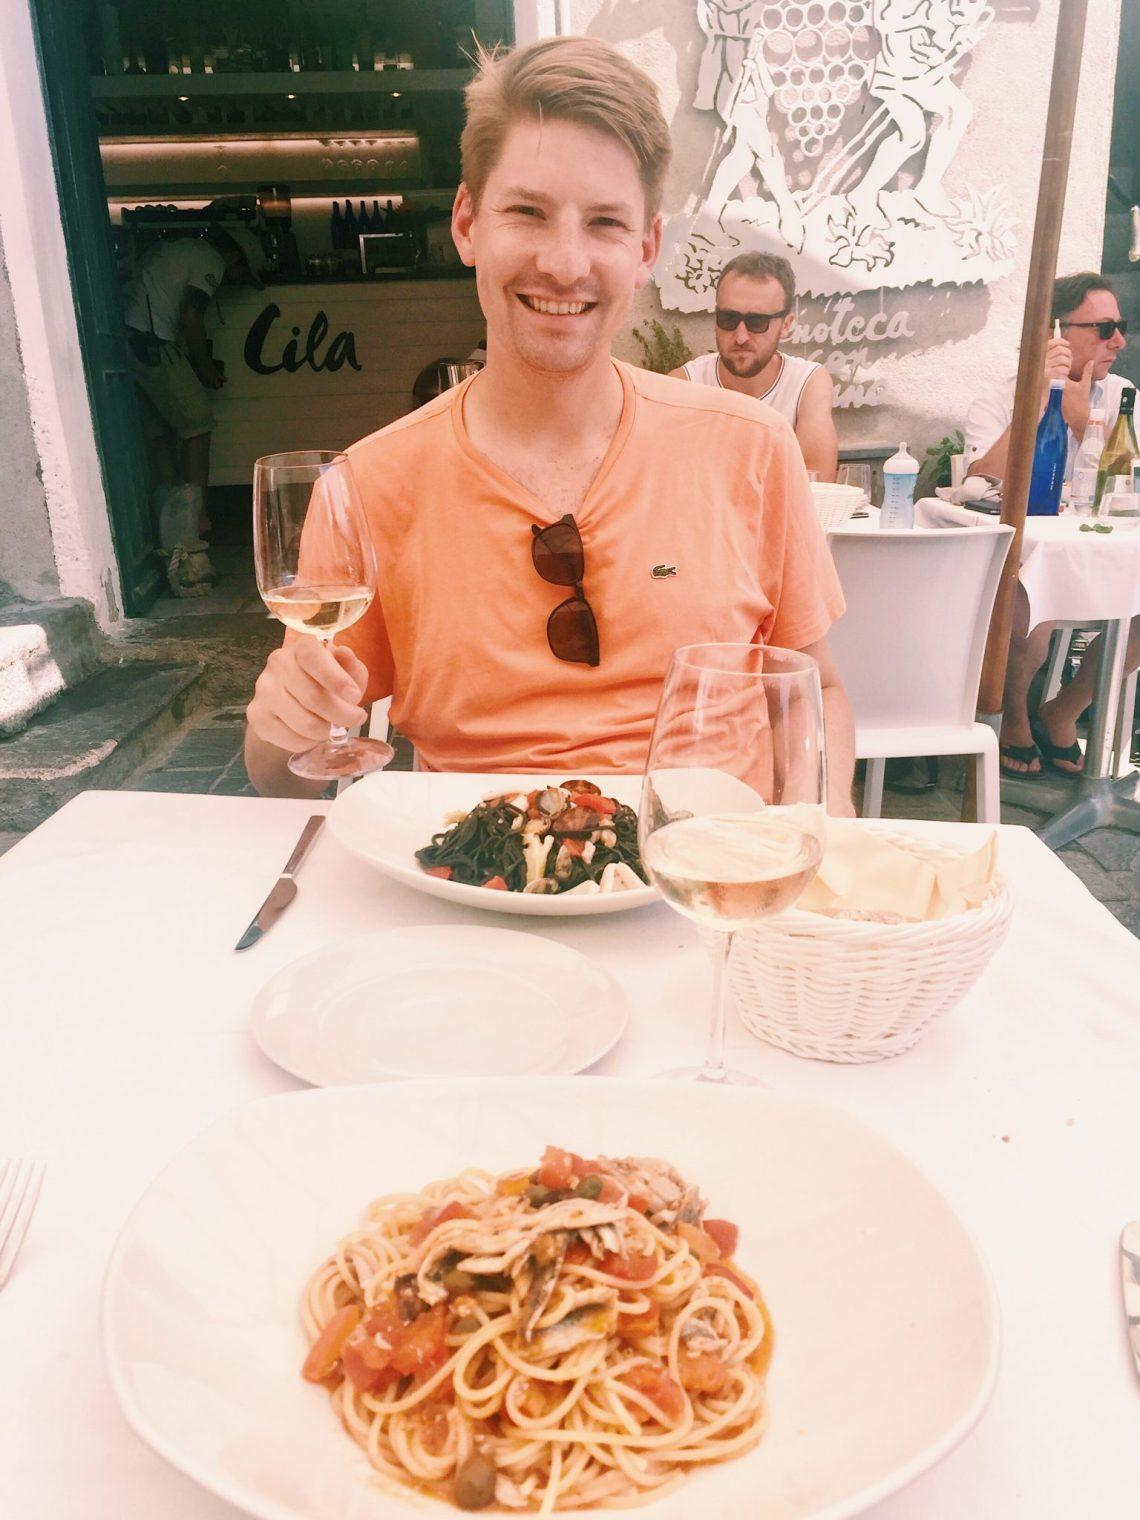 Dau Cila Restaurante Riomaggiore Italy